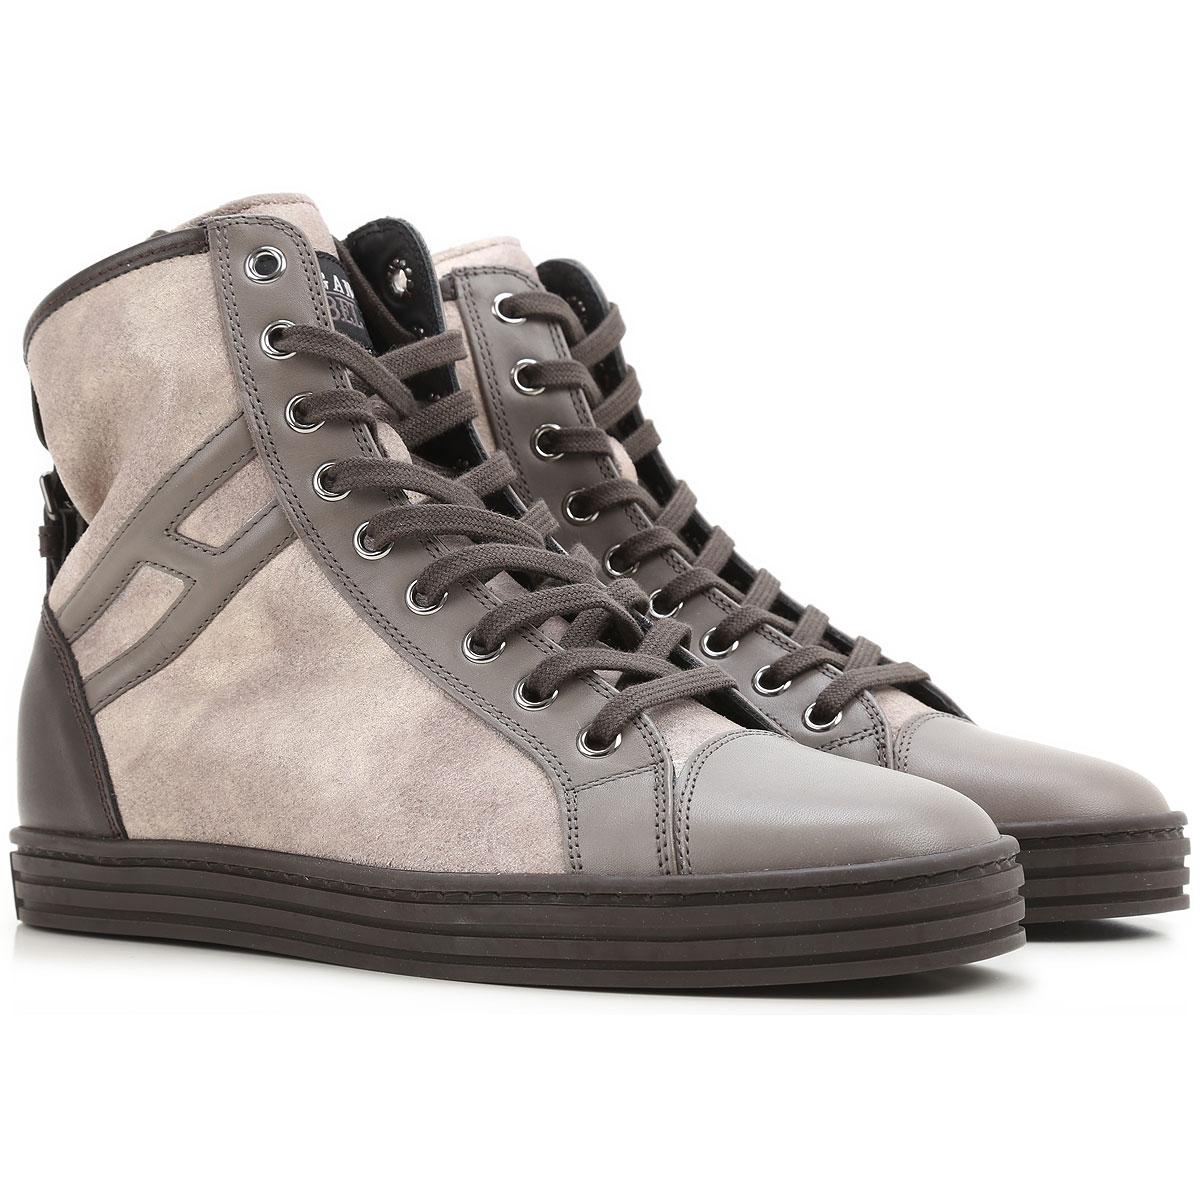 chaussures femme hogan code produit hxw1820d6619bq0az8. Black Bedroom Furniture Sets. Home Design Ideas